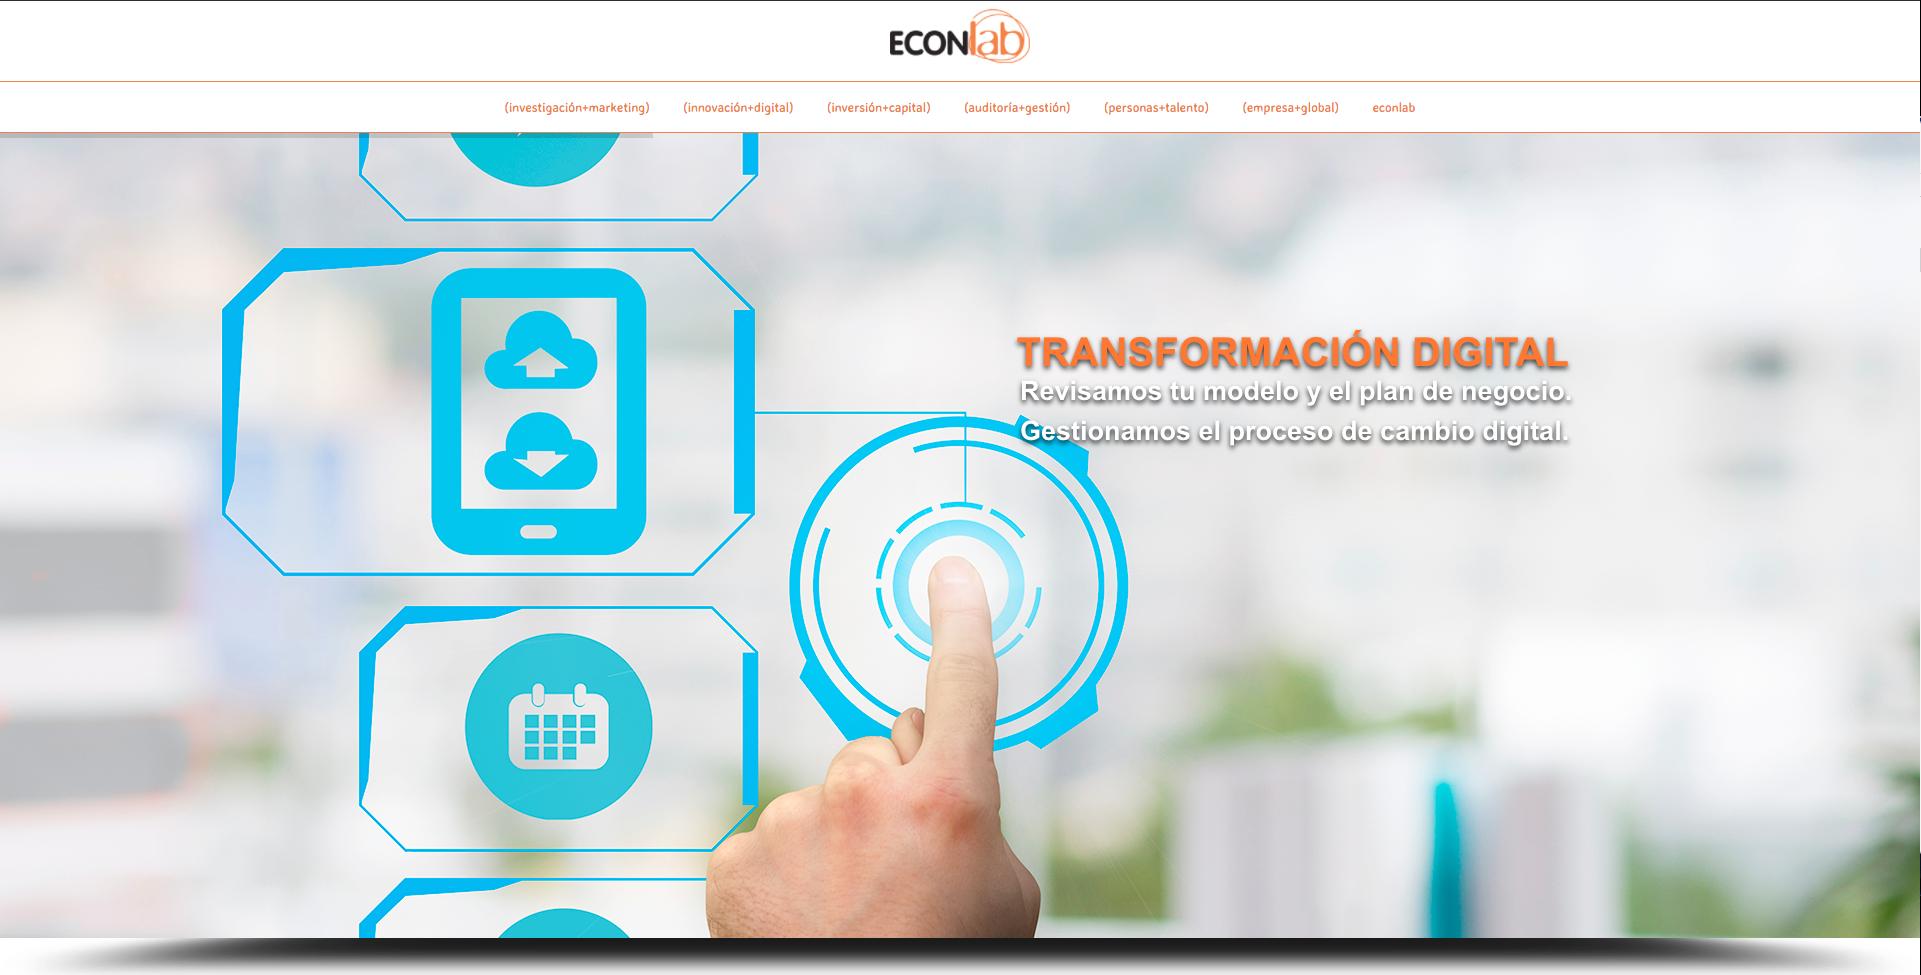 Nueva Web Corporativa De ECONLAB